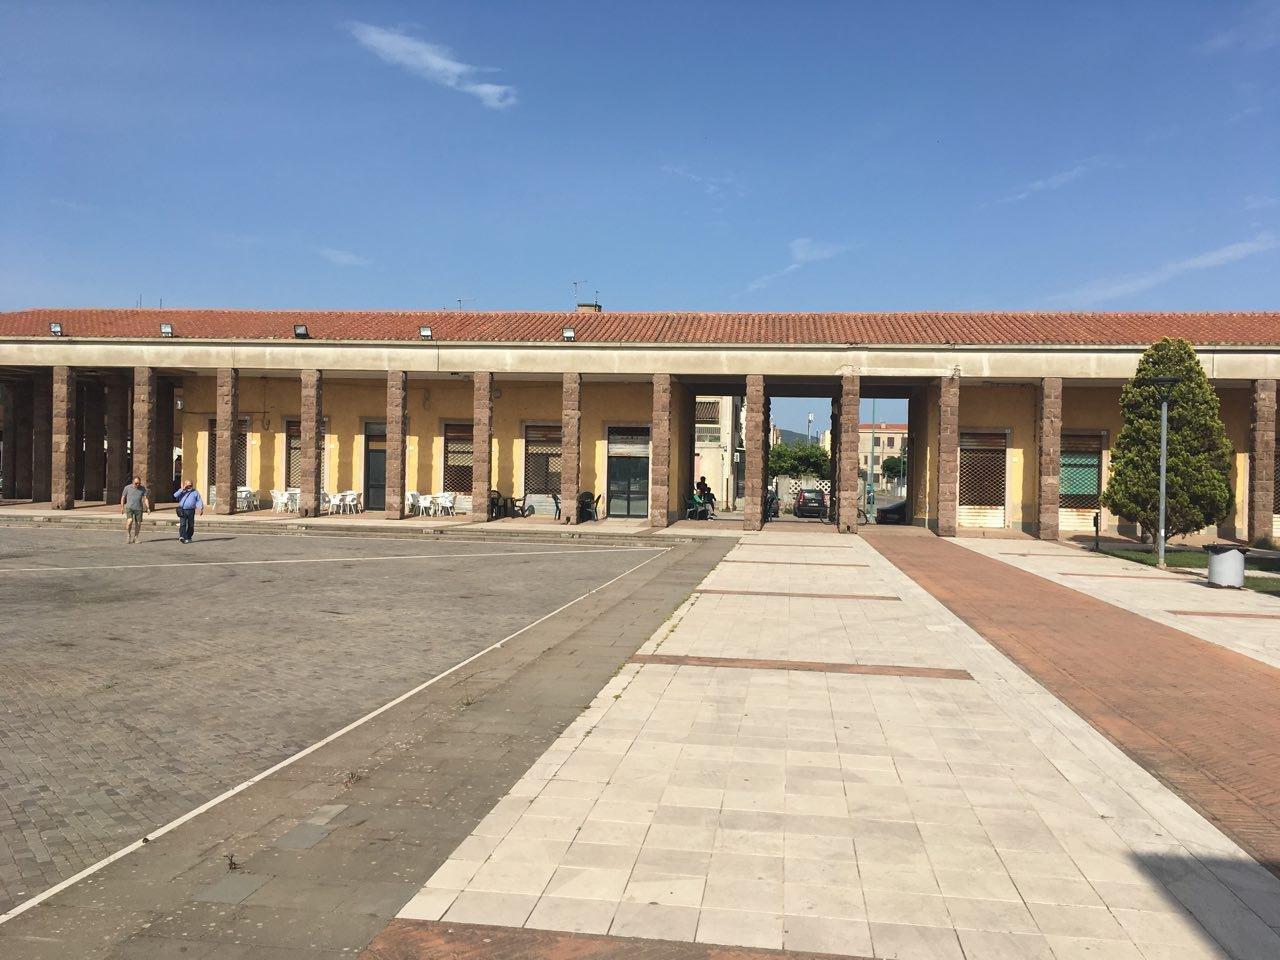 Martedì 30 ottobre, alle 18.00, l'Amministrazione comunale di Carbonia incontrera' i cittadini di Cortoghiana.